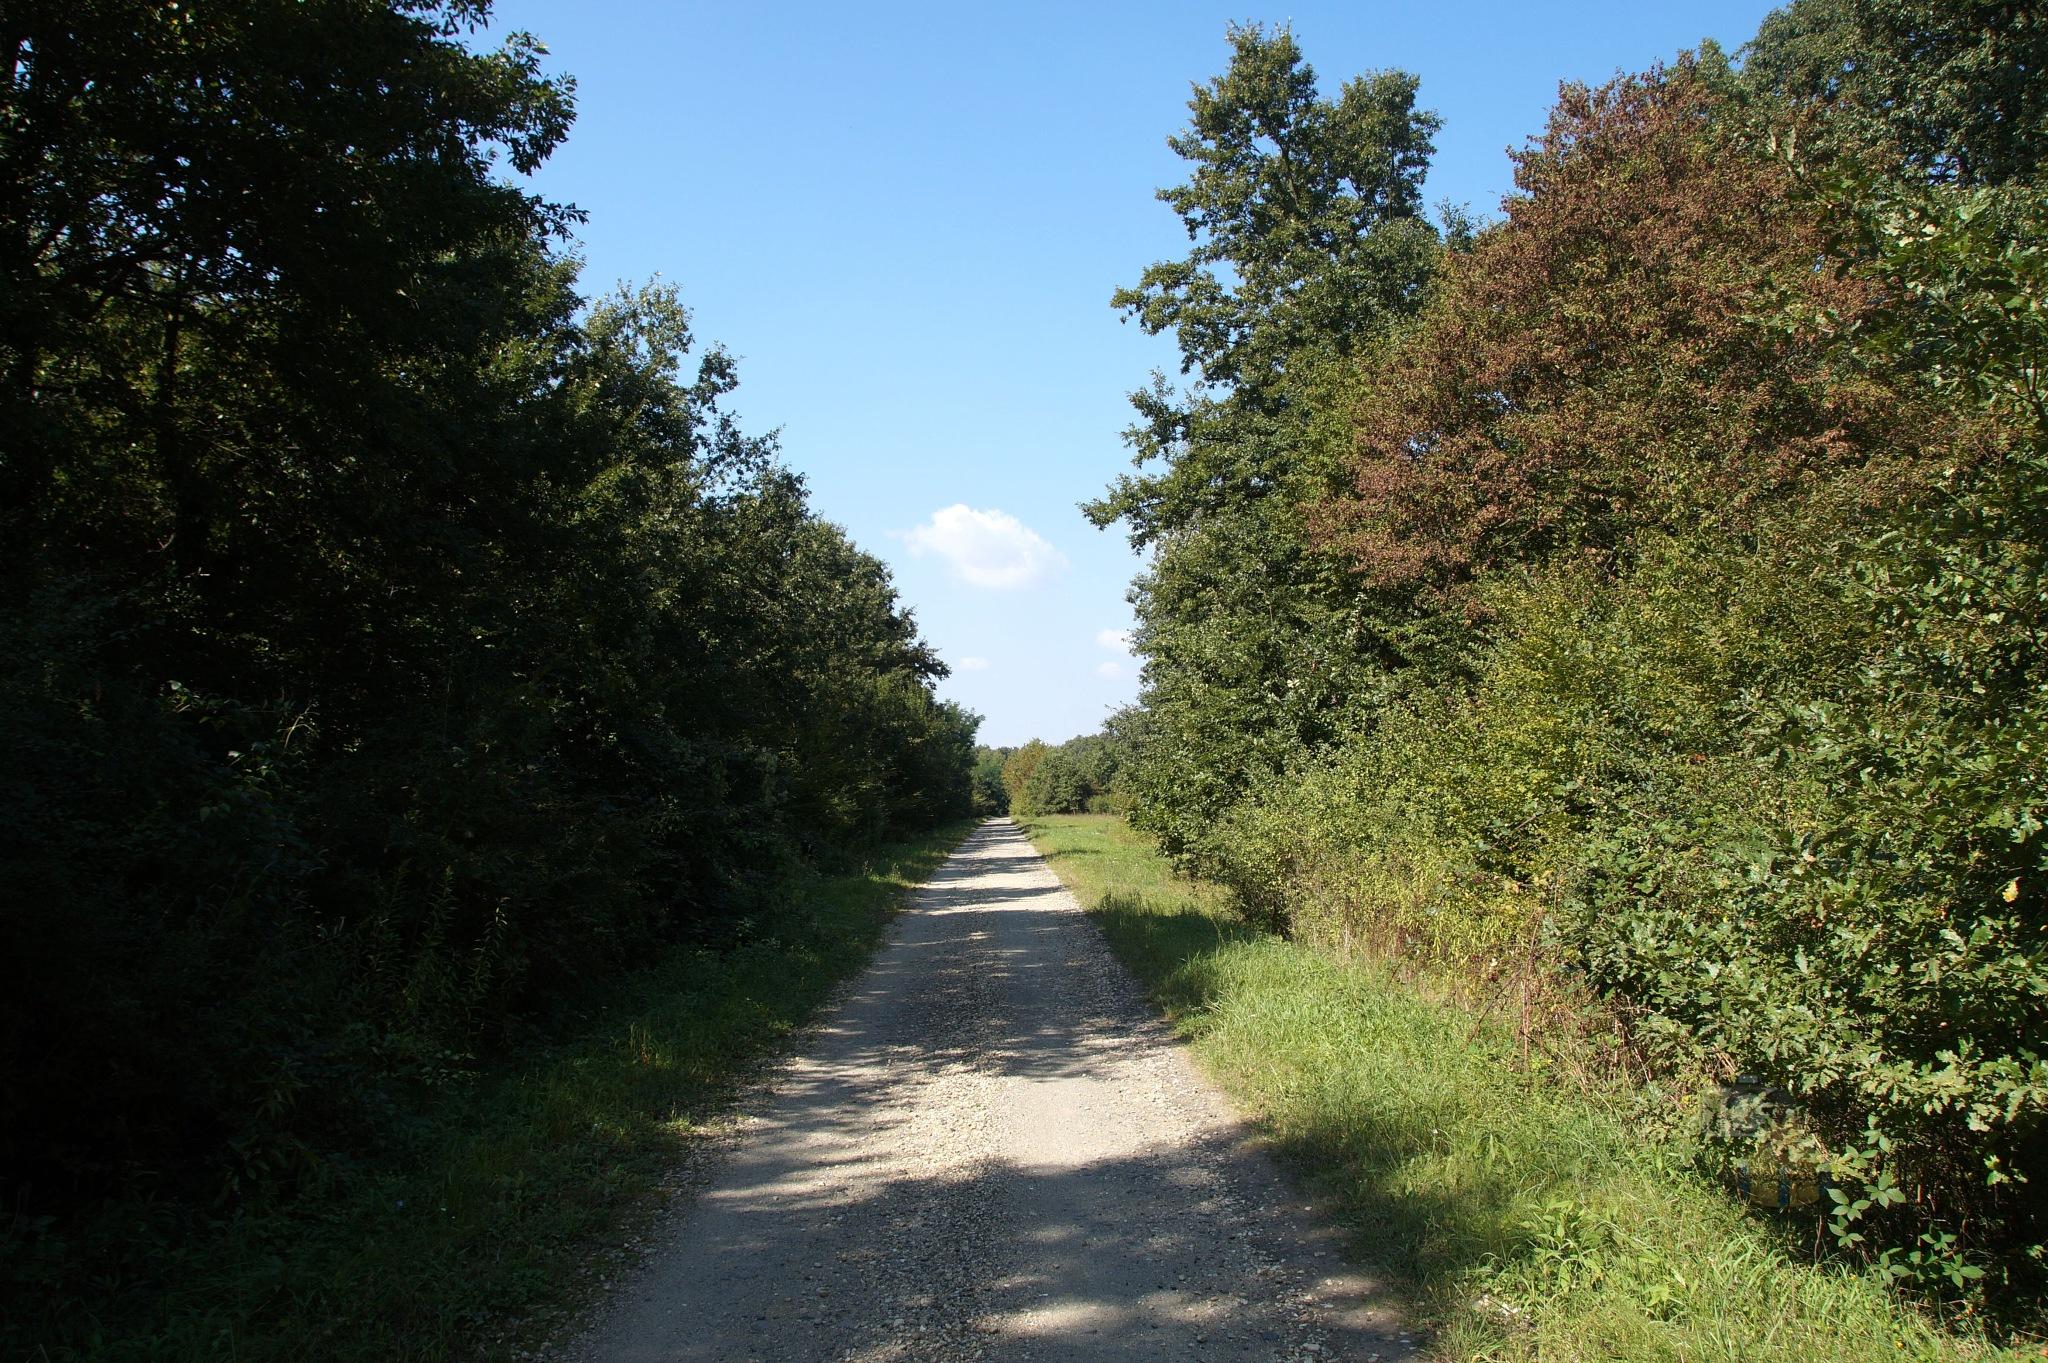 Sep.14, Forest Way #2 by hunyadigeza